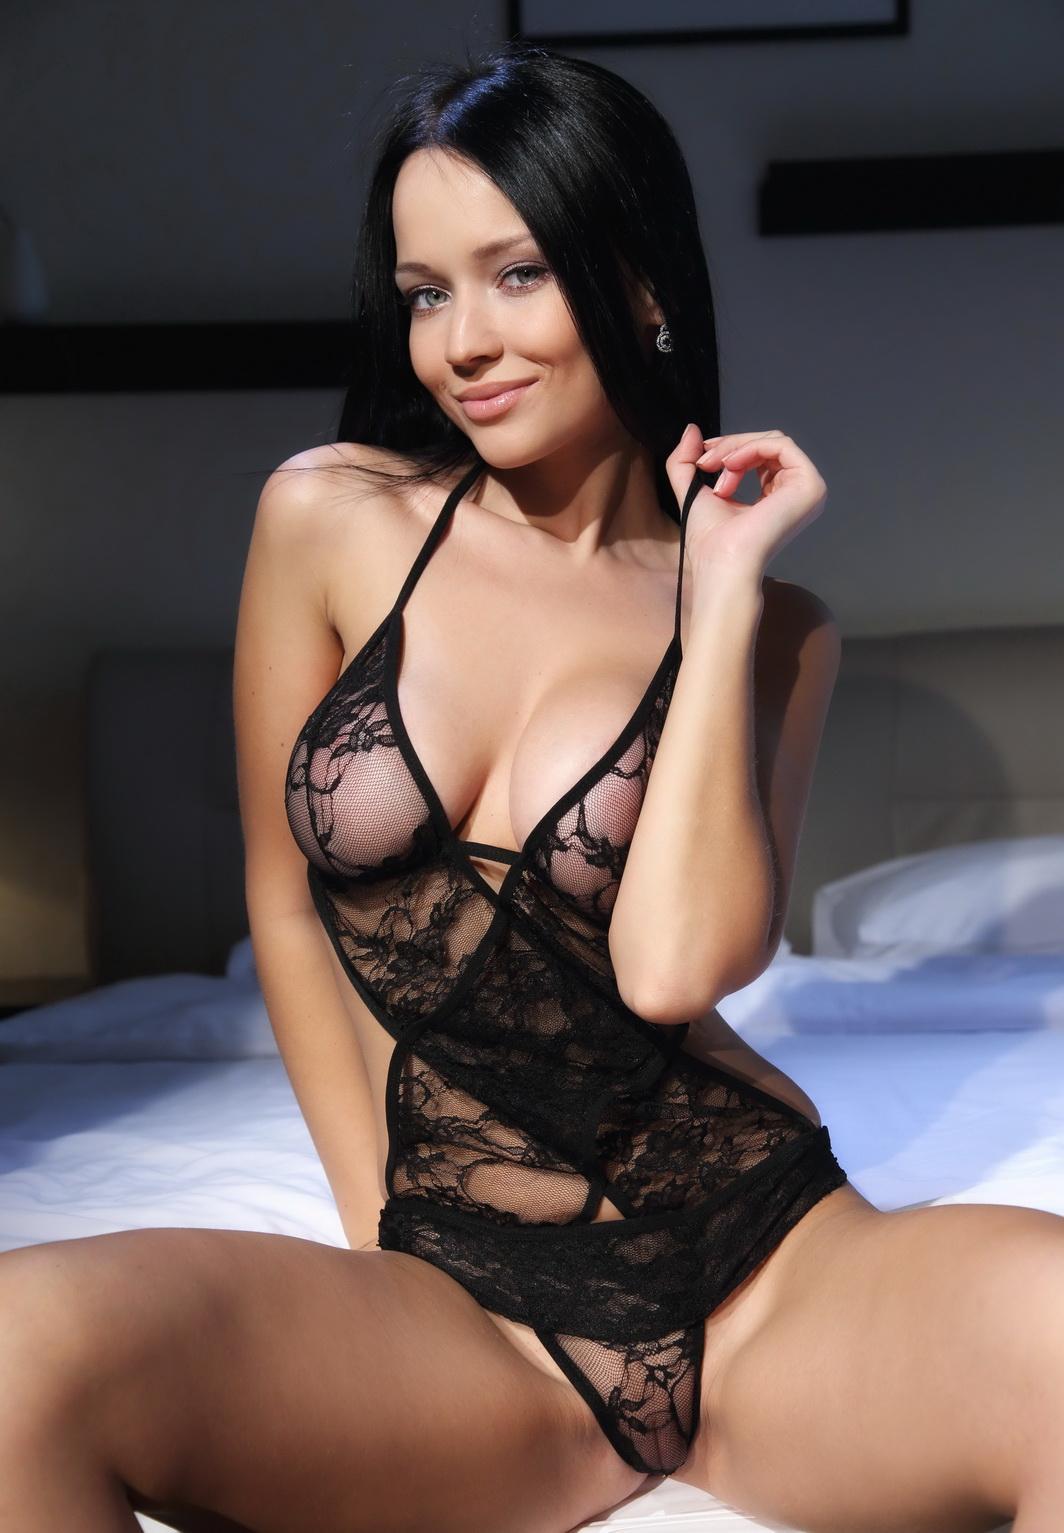 элитные проститутки волгограда - 2